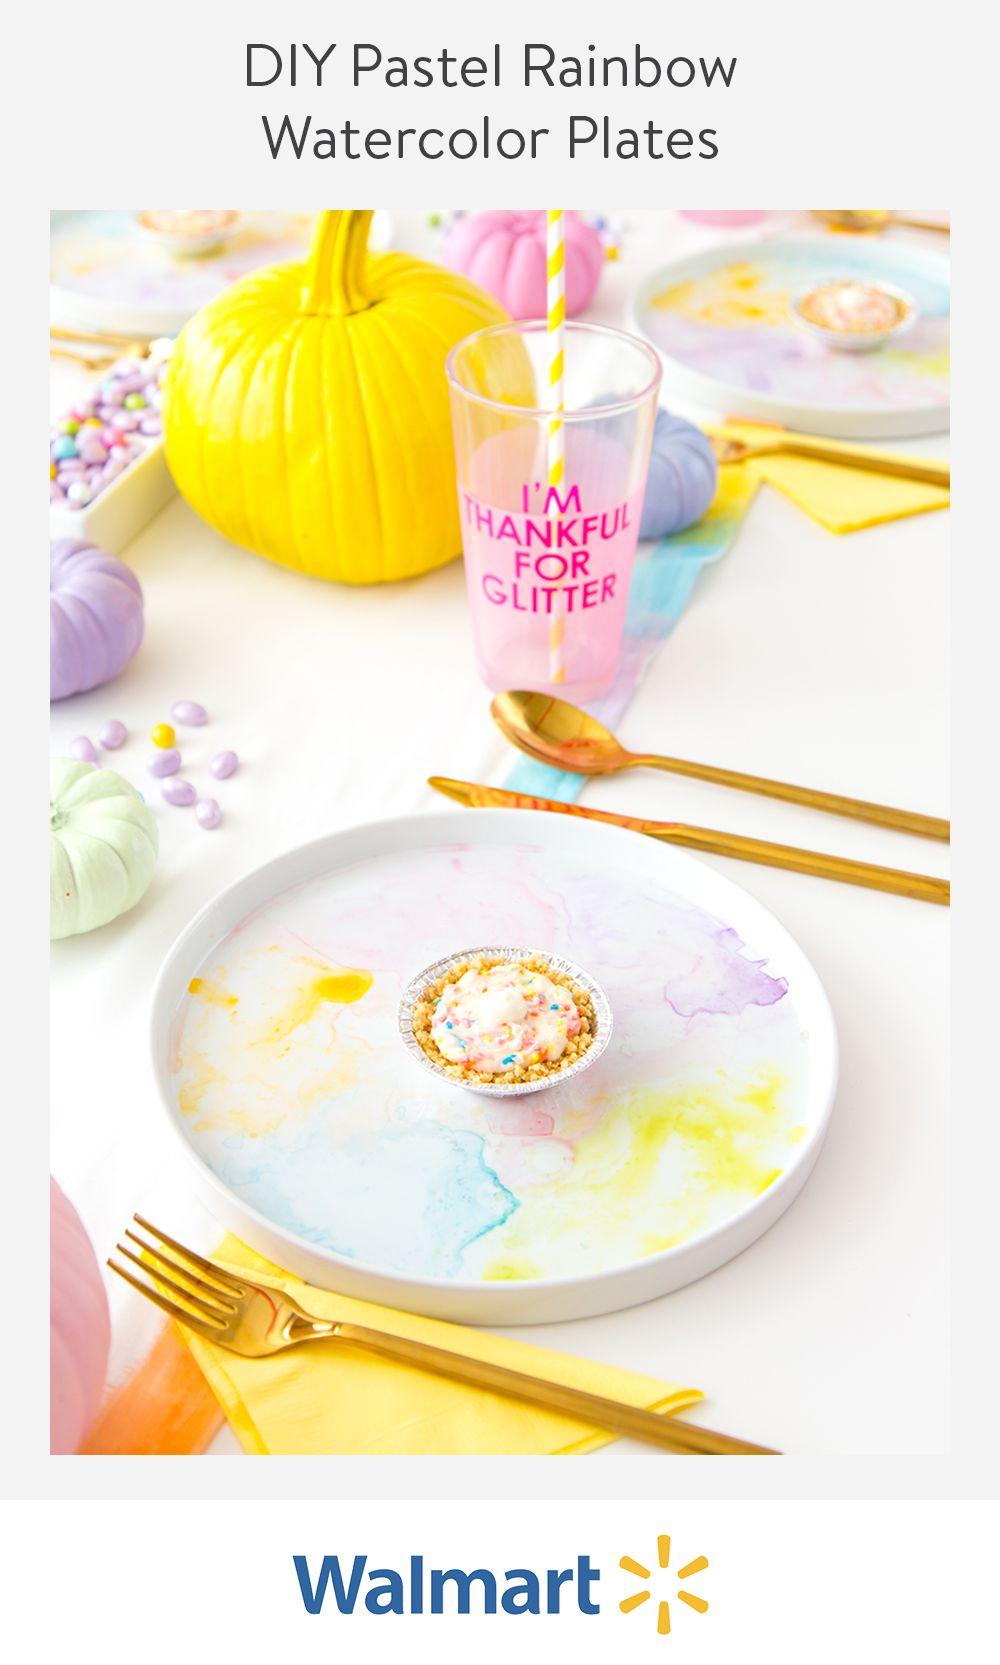 DIY Pastel Rainbow Watercolor Plates